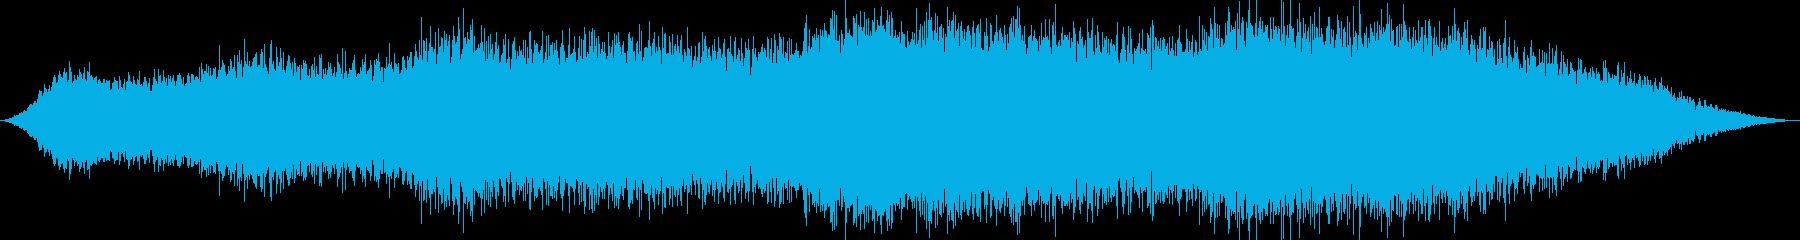 未知の惑星の探検をイメージした曲の再生済みの波形